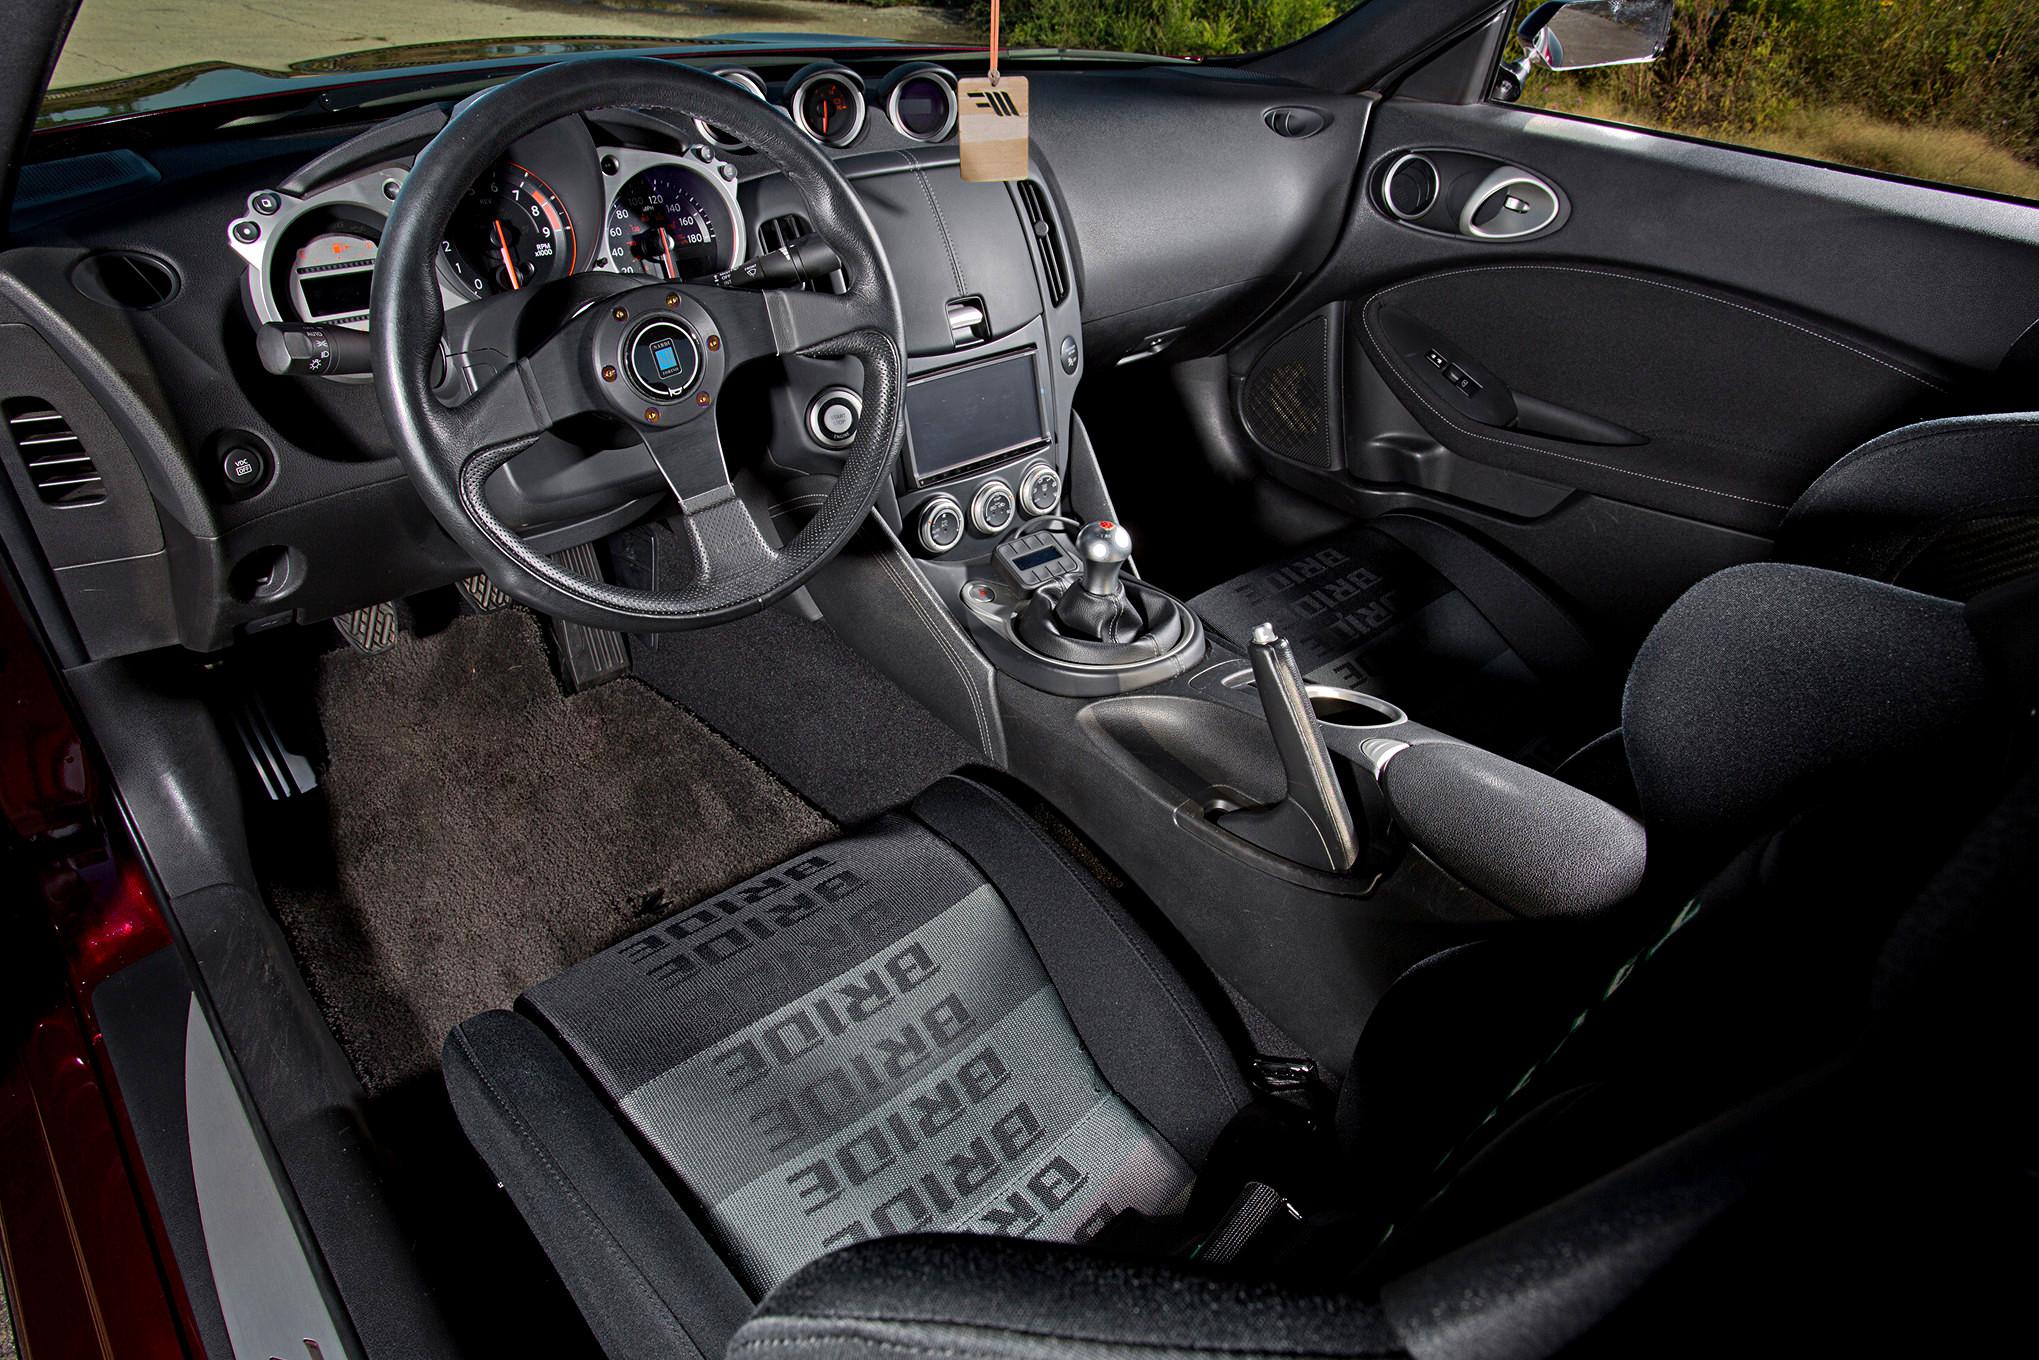 2009 nissan 370z z car legacy 2009 nissan 370z z car legacy